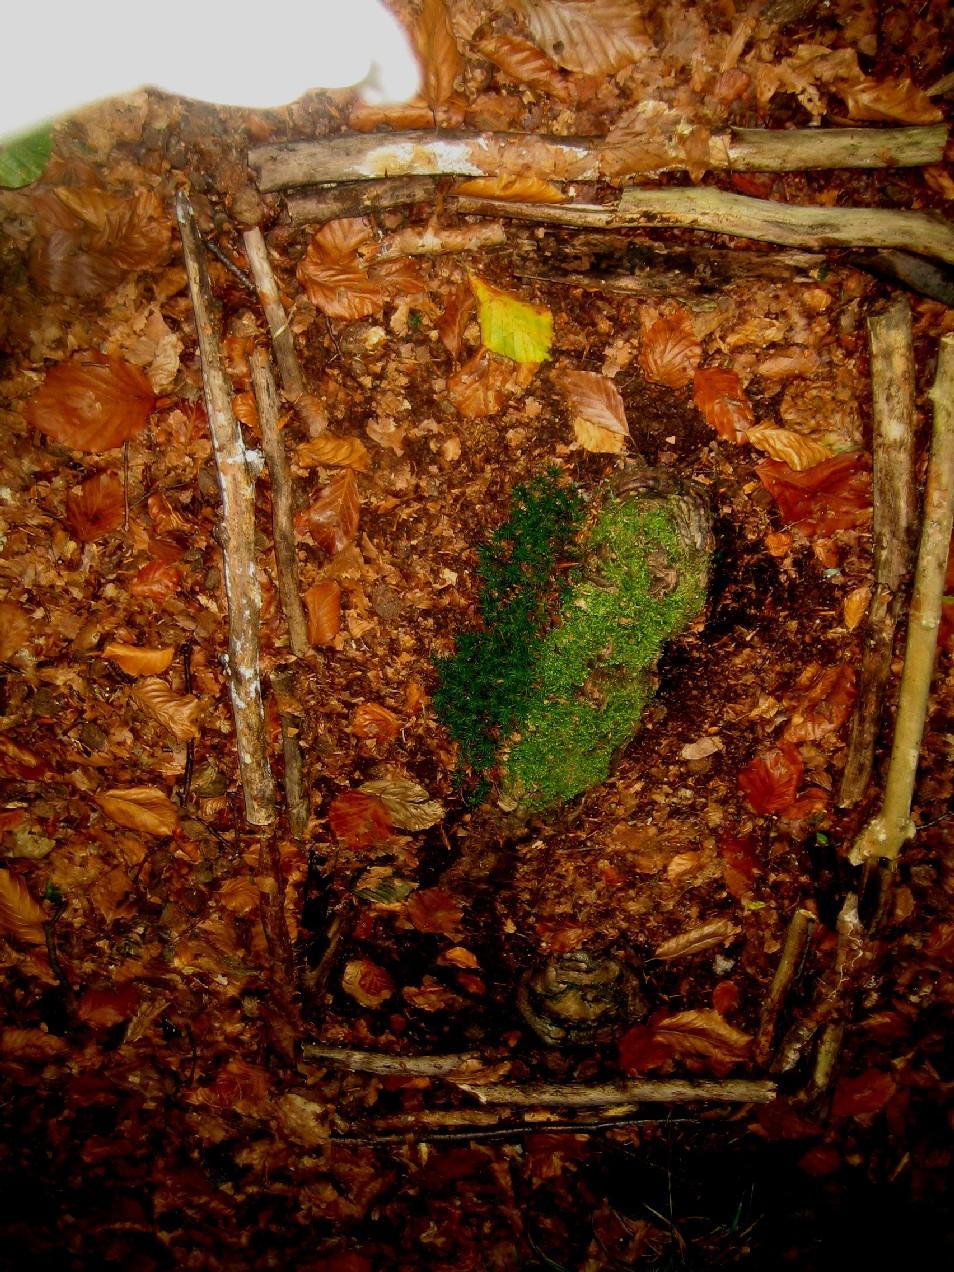 Landart beim Wandern: die Natur entdecken und Kunstwerke gestalten ...